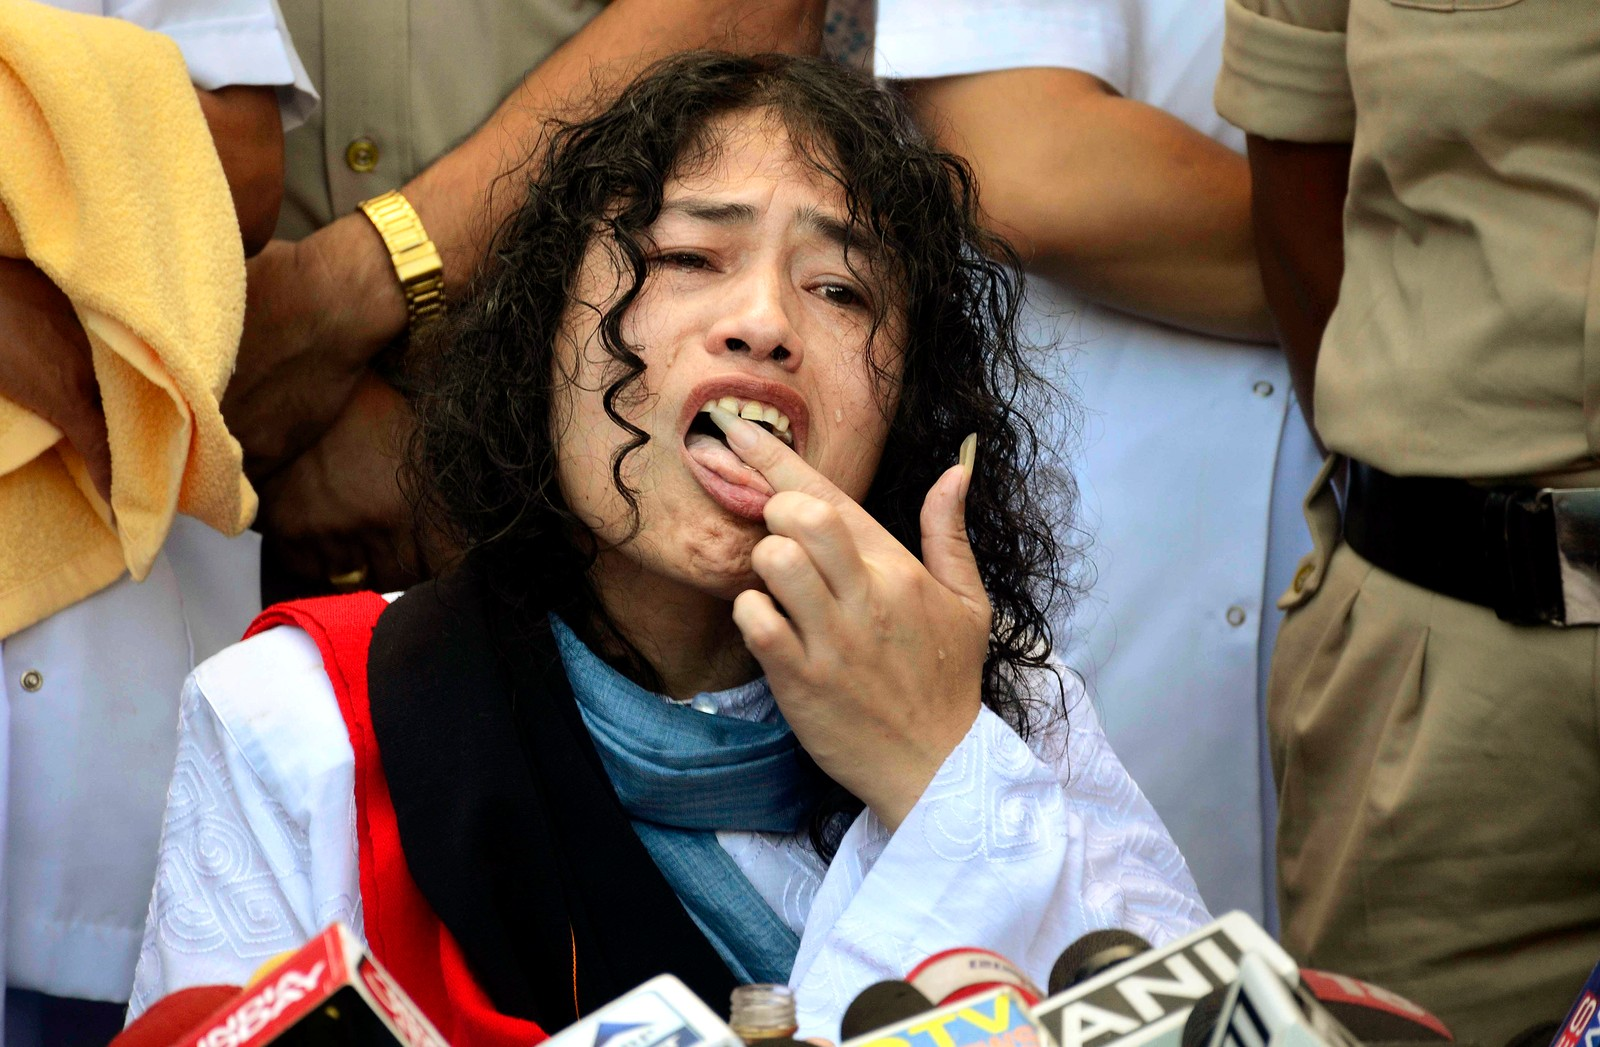 """Den indiske politiske aktivisten Irom Sharmila slikker honning fra fingrene etter å ha sultestreiket i 16 år. """"Jeg kommer aldri til å glemme dette øyeblikket. """", sa hun etterpå. Indiske myndigheter har tvangsforet henne gjennom nesen i alle disse årene. Hun startet sultestreiken som en protest mot en lov som gir indiske militære rett til å skyte mennesker kun basert på mistanke i ustabile områder i India hvor det er unntakstilstand. Bildet er tatt i Manipur den 9. august."""